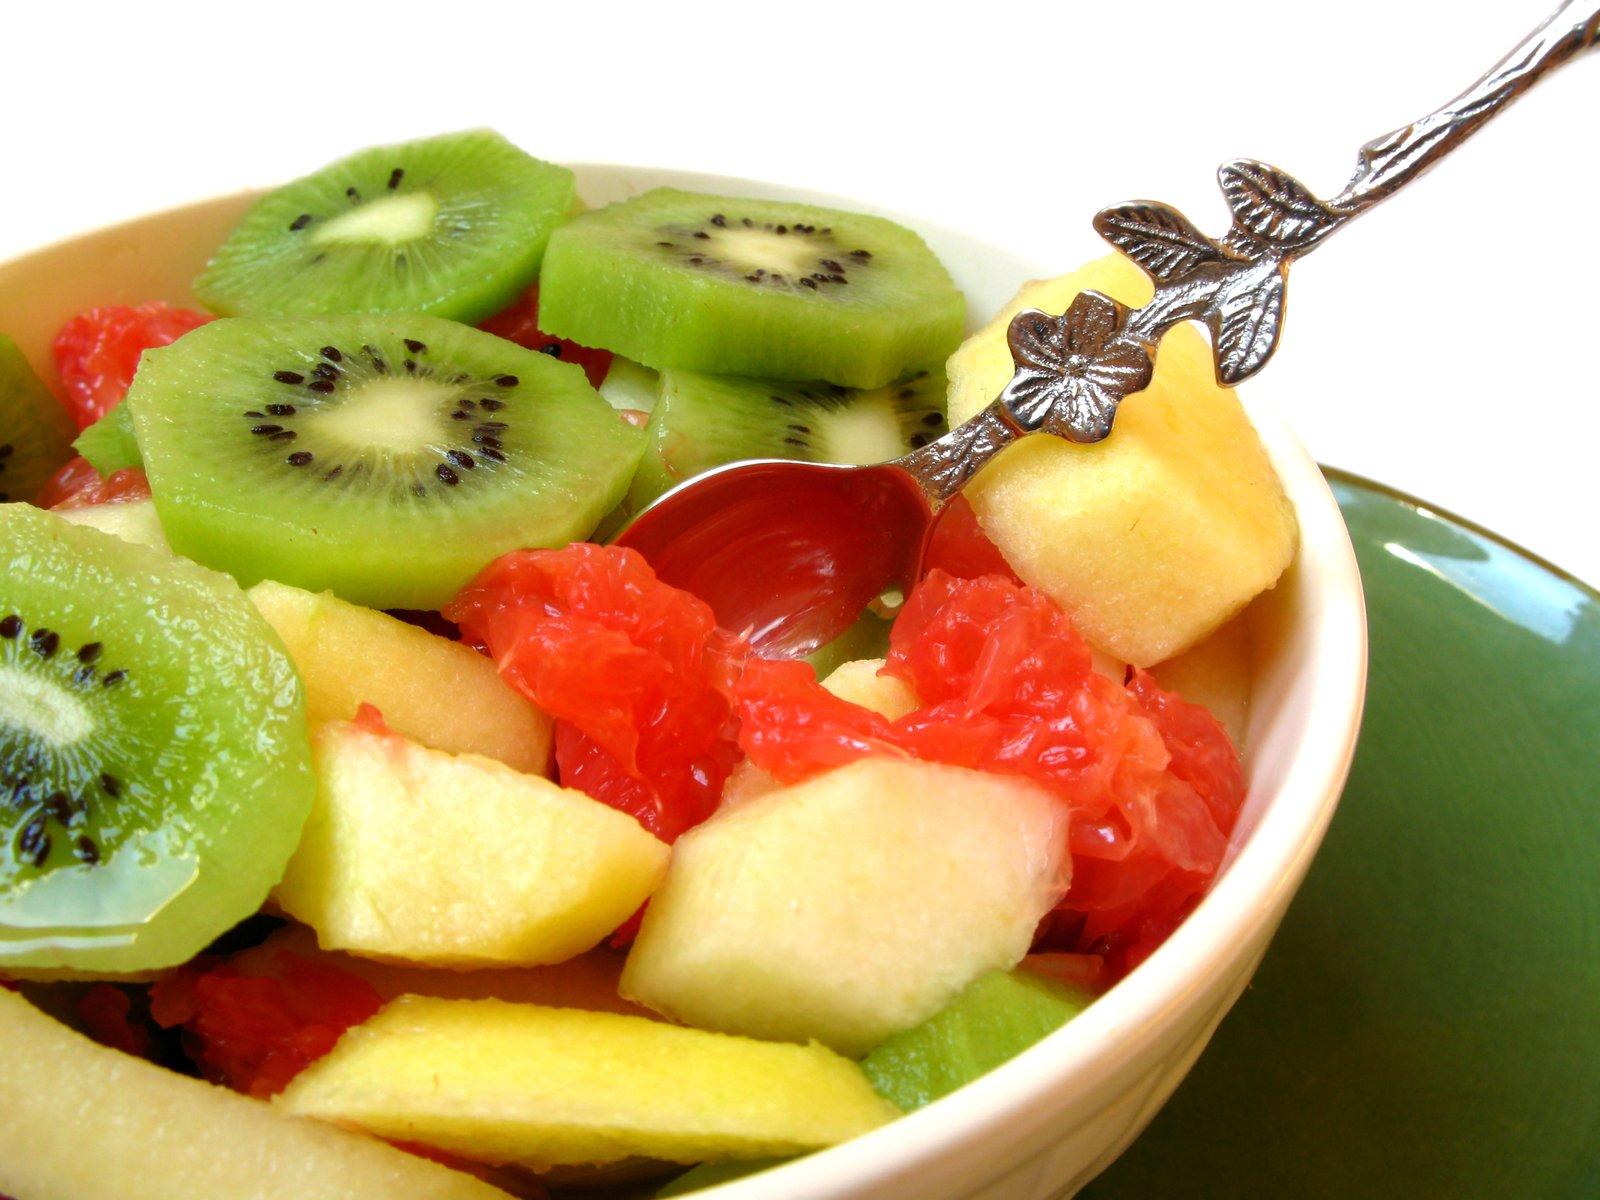 Фруктовые Диеты Добавить. Избавляемся от 10 кг за неделю на фруктовой диете